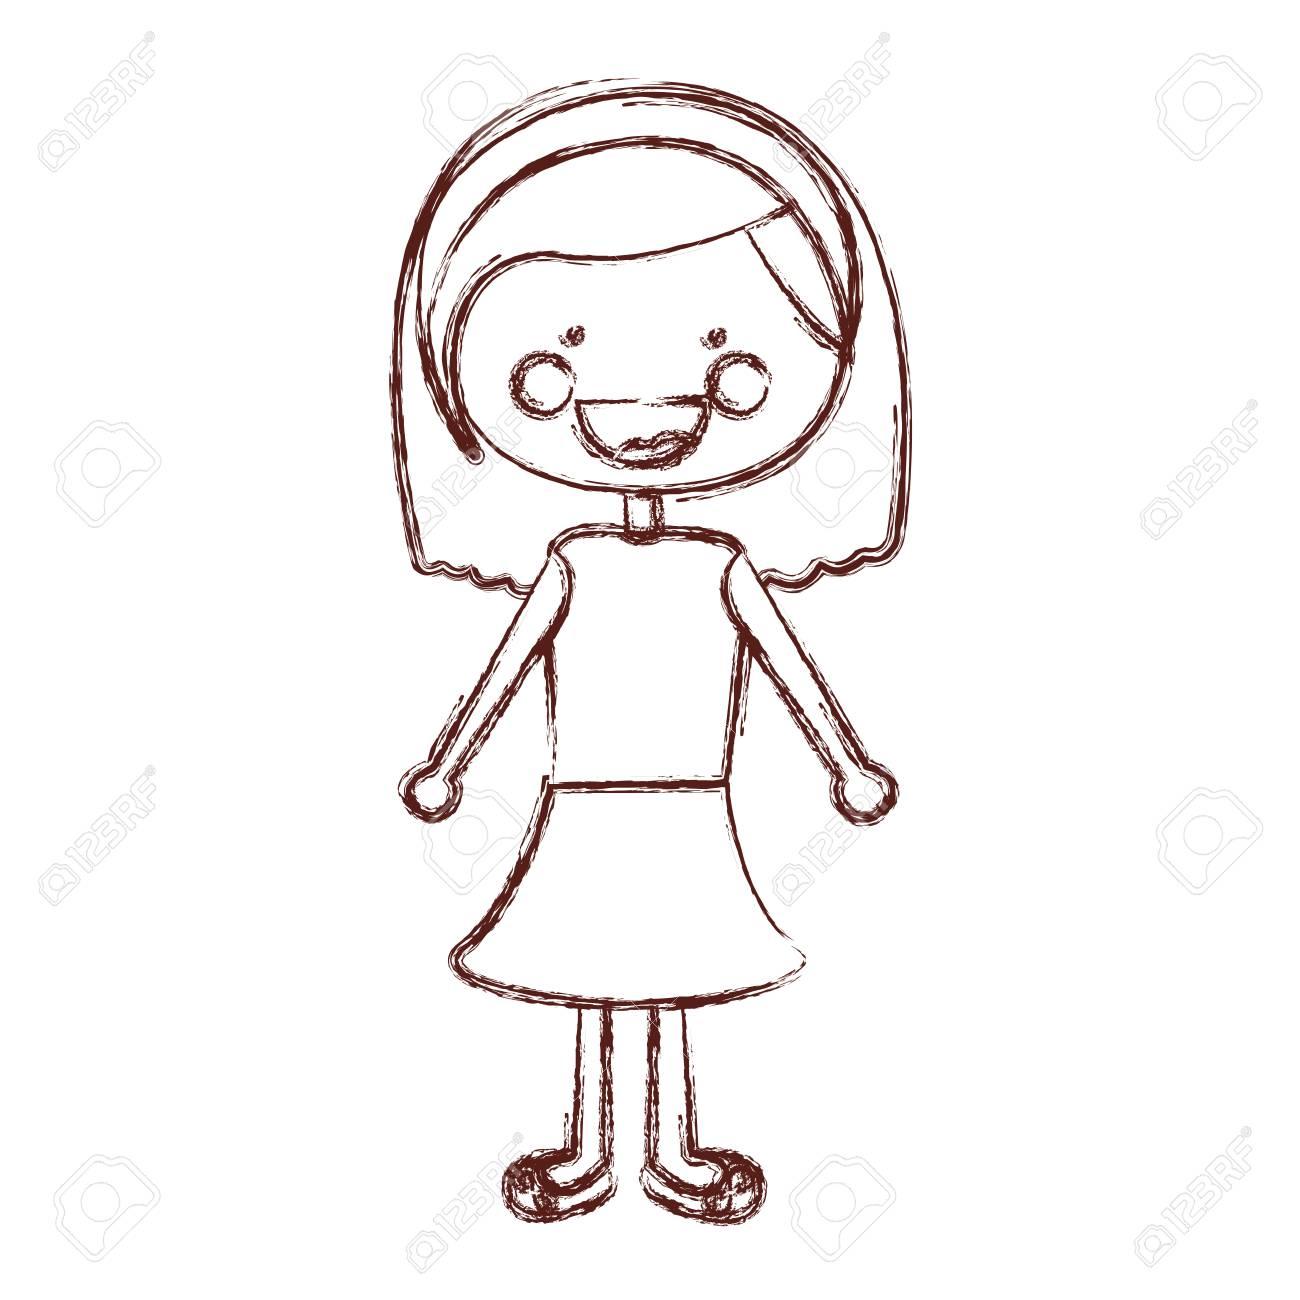 Borrosa contorno sonrisa expresión dibujos animados pelo corto chica con  camisa y falda ilustración vectorial Foto 247011a7adc6c